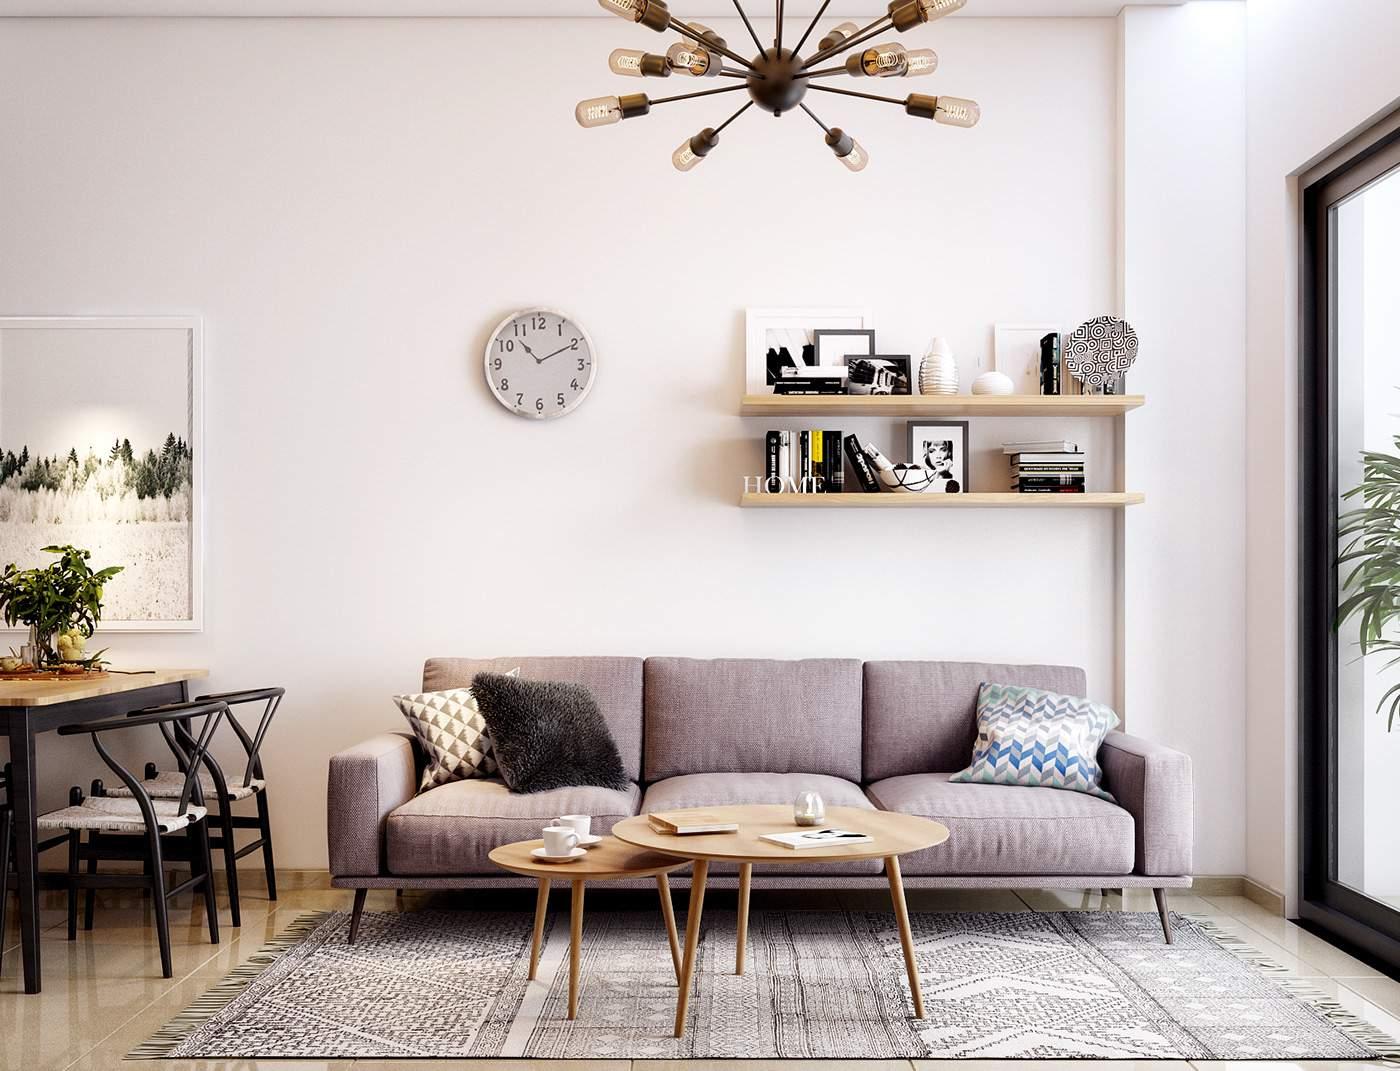 Trang trí nội thất phòng khách nhỏ đẹp